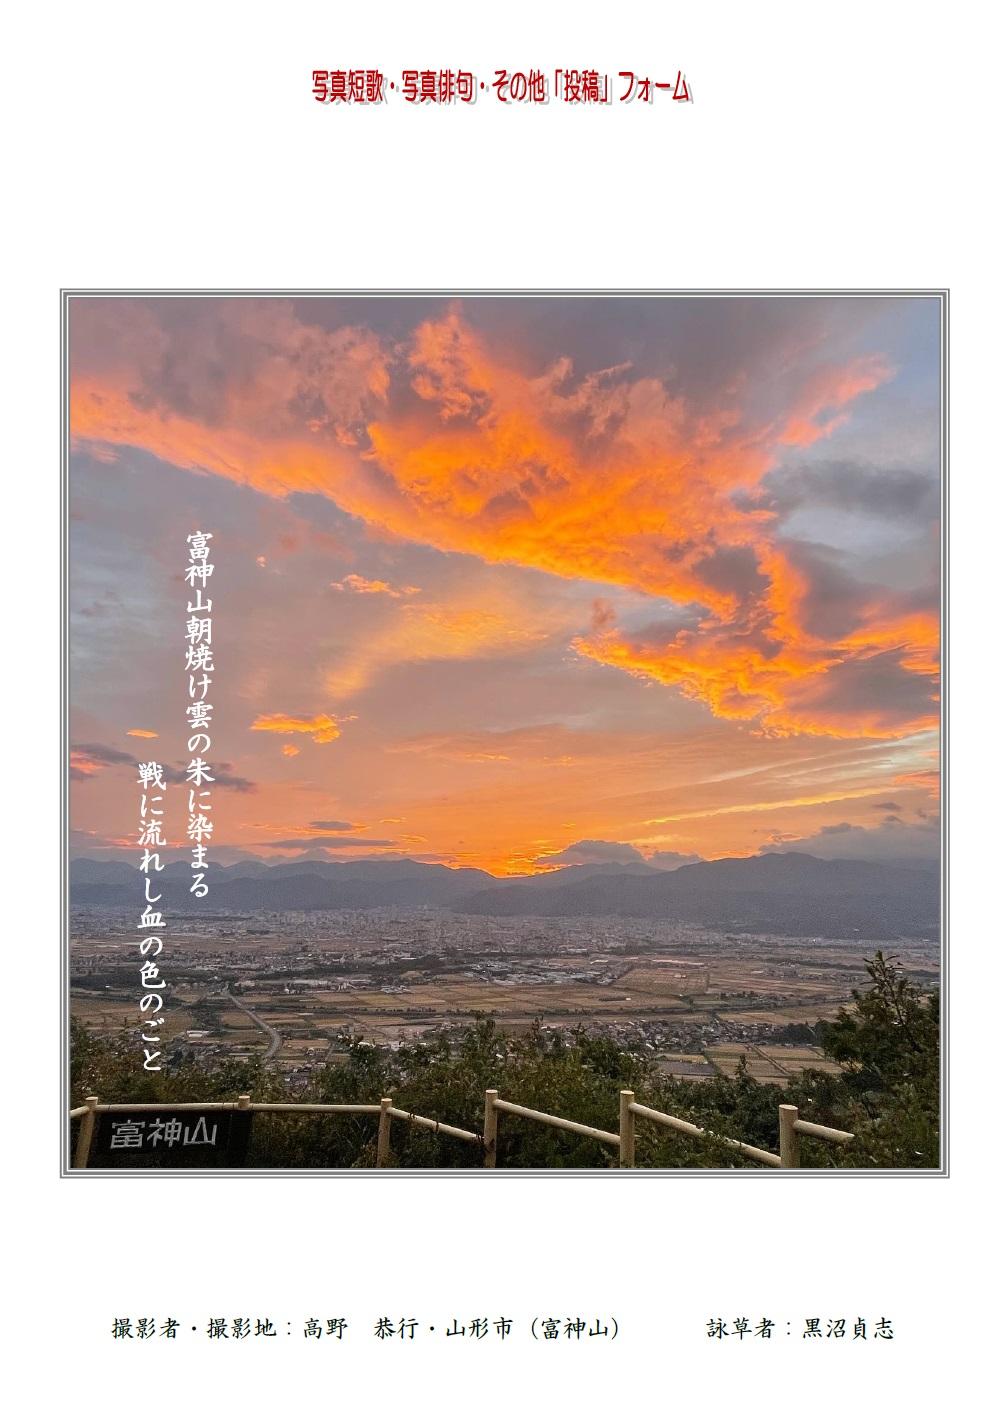 富神山朝焼け雲の朱に染まる戦に流れし血の色のごと